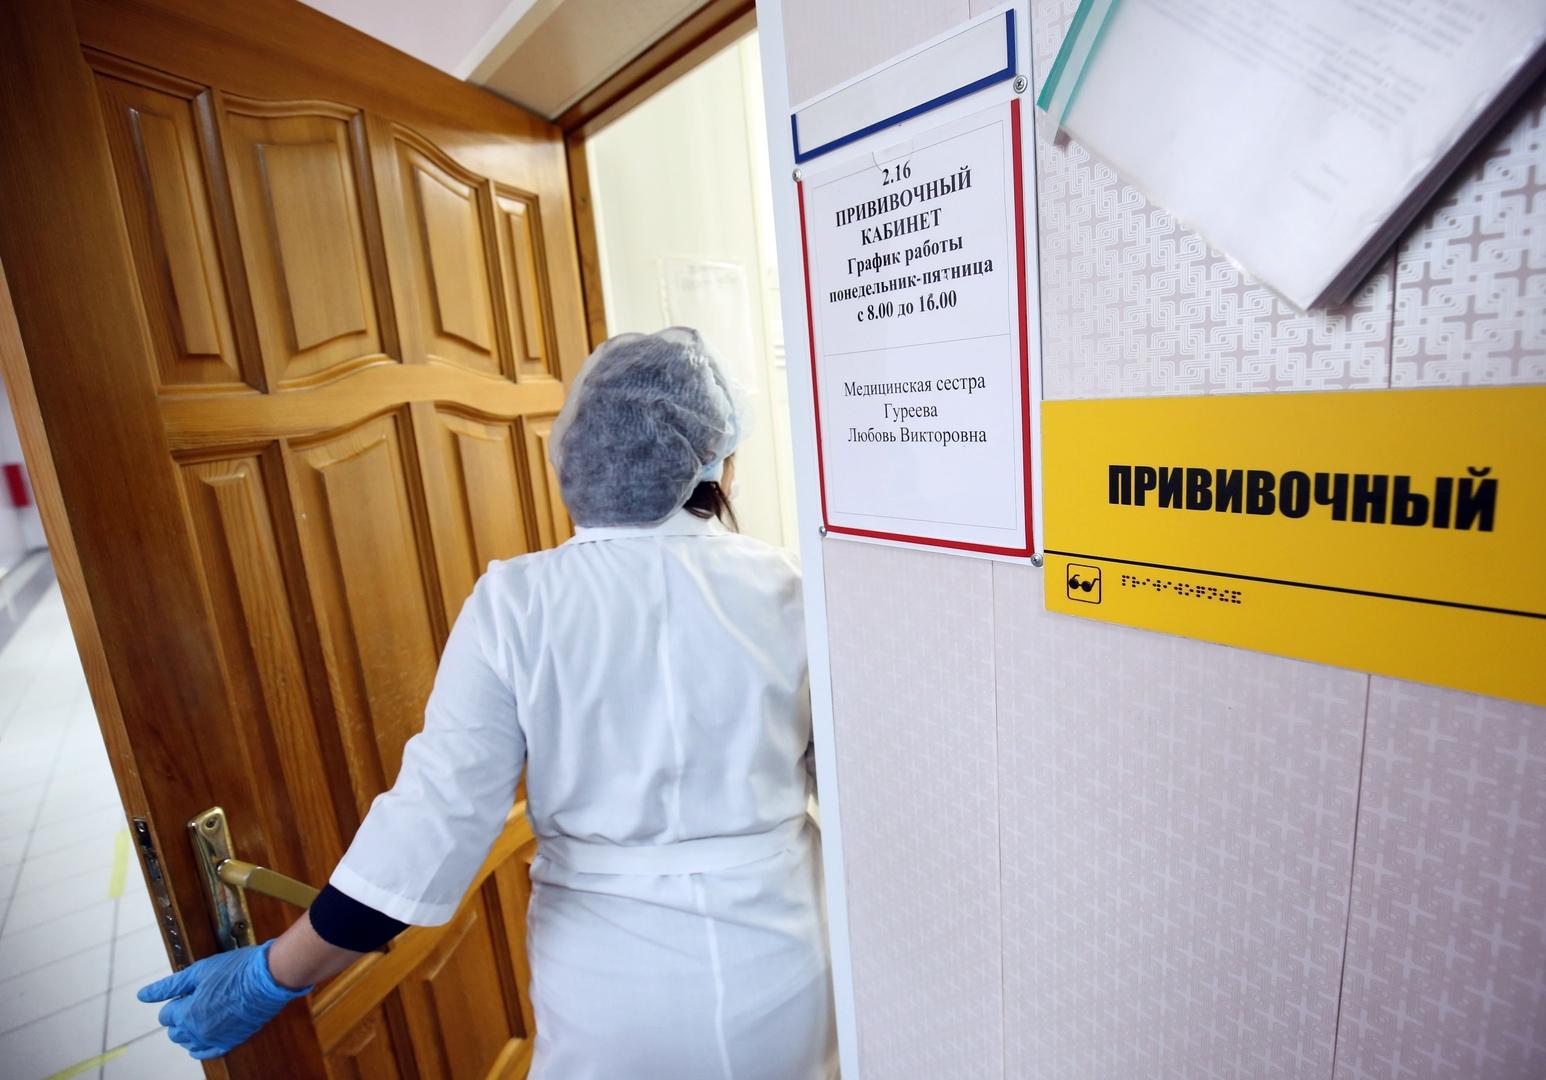 روسيا تخطط لإنتاج 88 مليون جرعة من لقاحات كورونا خلال النصف الأول من 2021